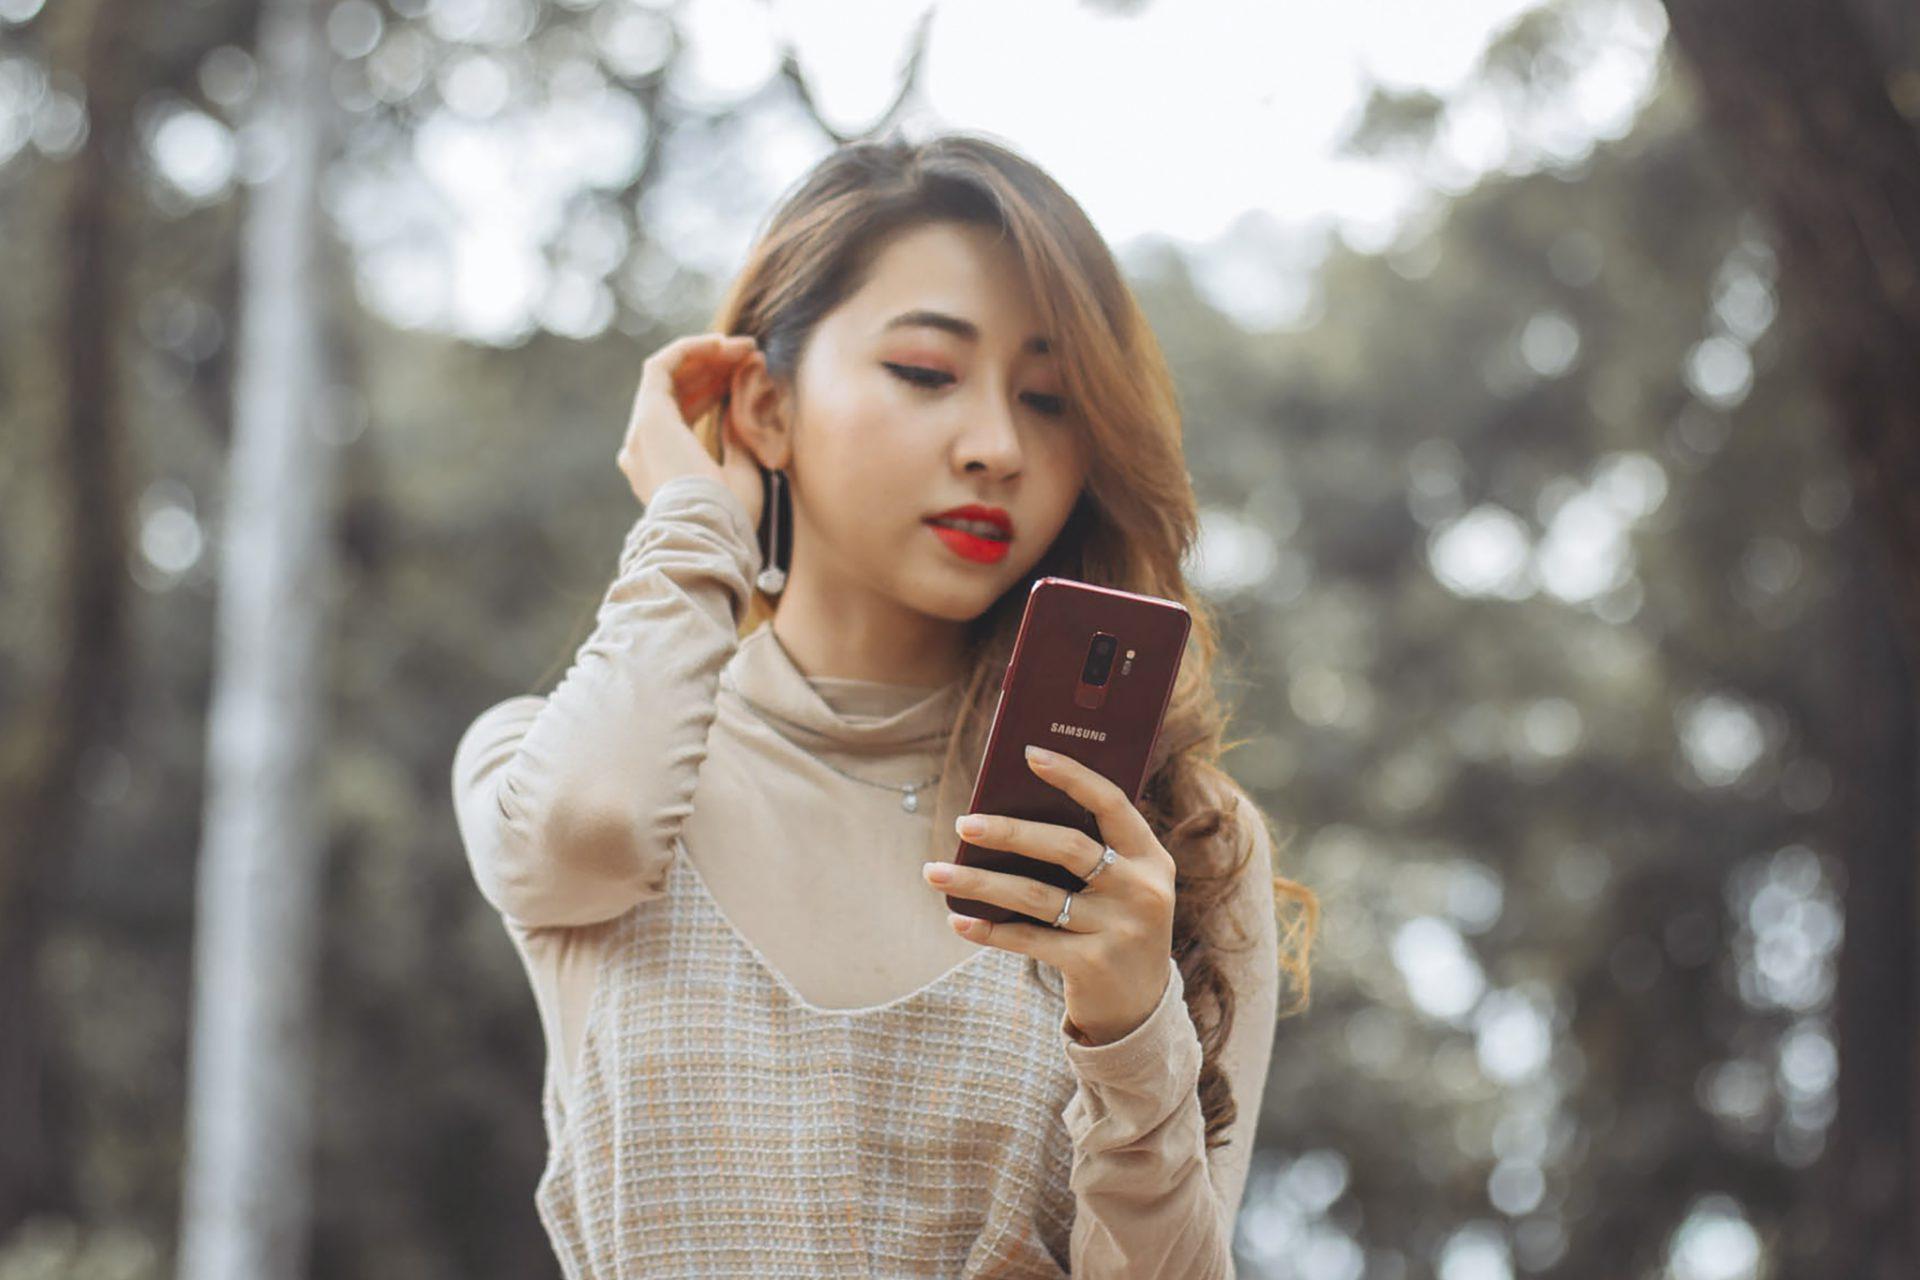 Tổng hợp ưu đãi giá tốt cho smartphone Samsung dịp cuối năm tại CellphoneS